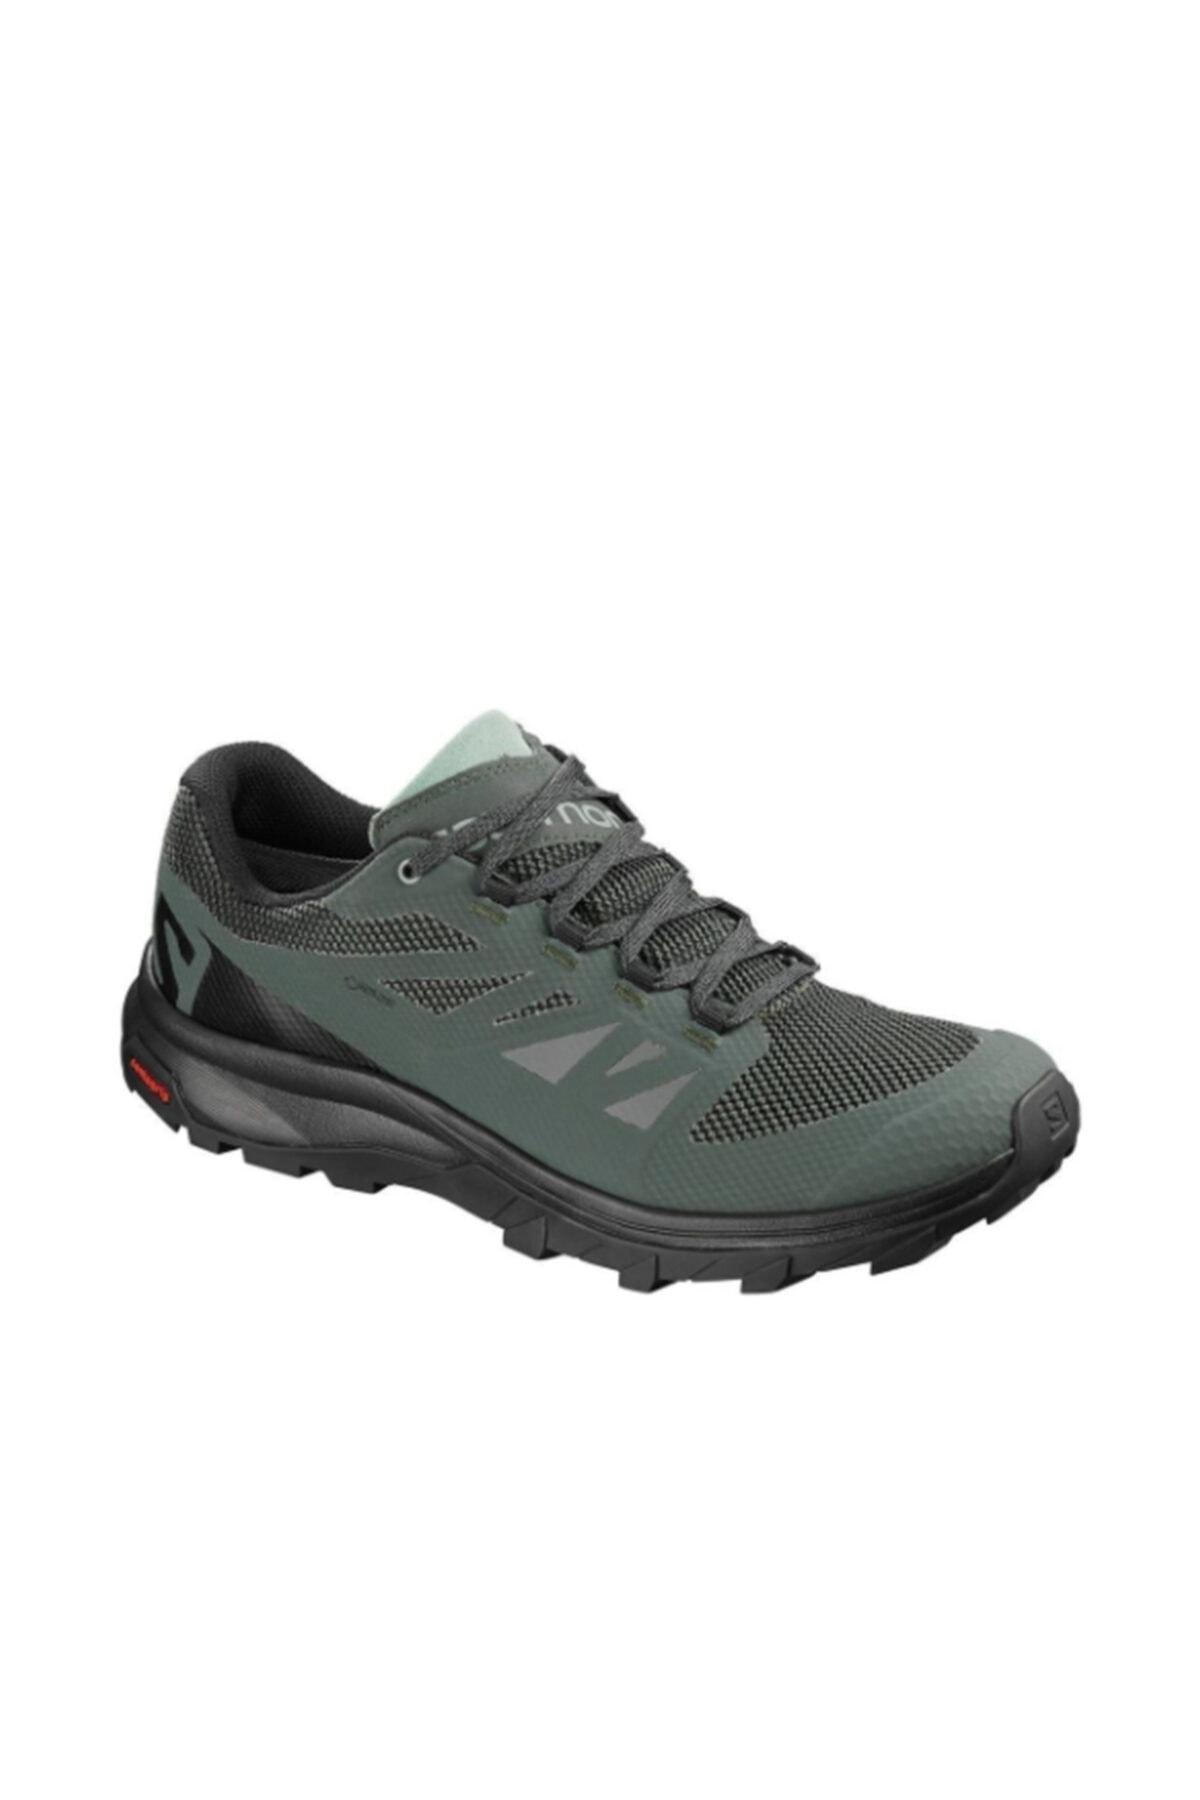 کفش کوهنوردی مردانه ترک برند Salomon رنگ سبز کد ty3621366